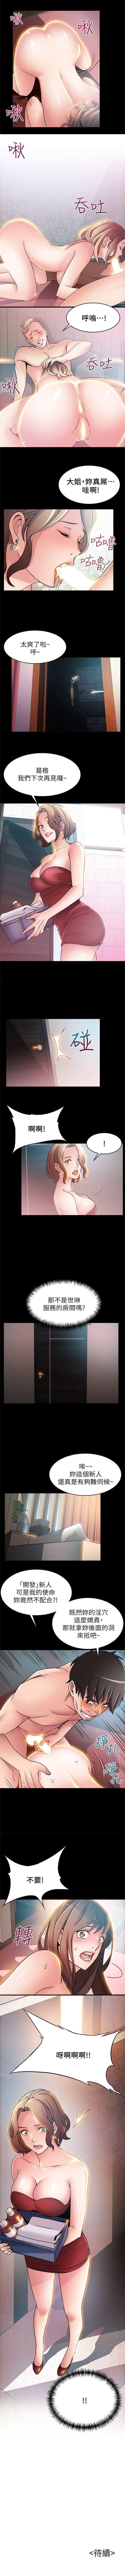 (週7)弱點 1-76 中文翻譯(更新中) 172